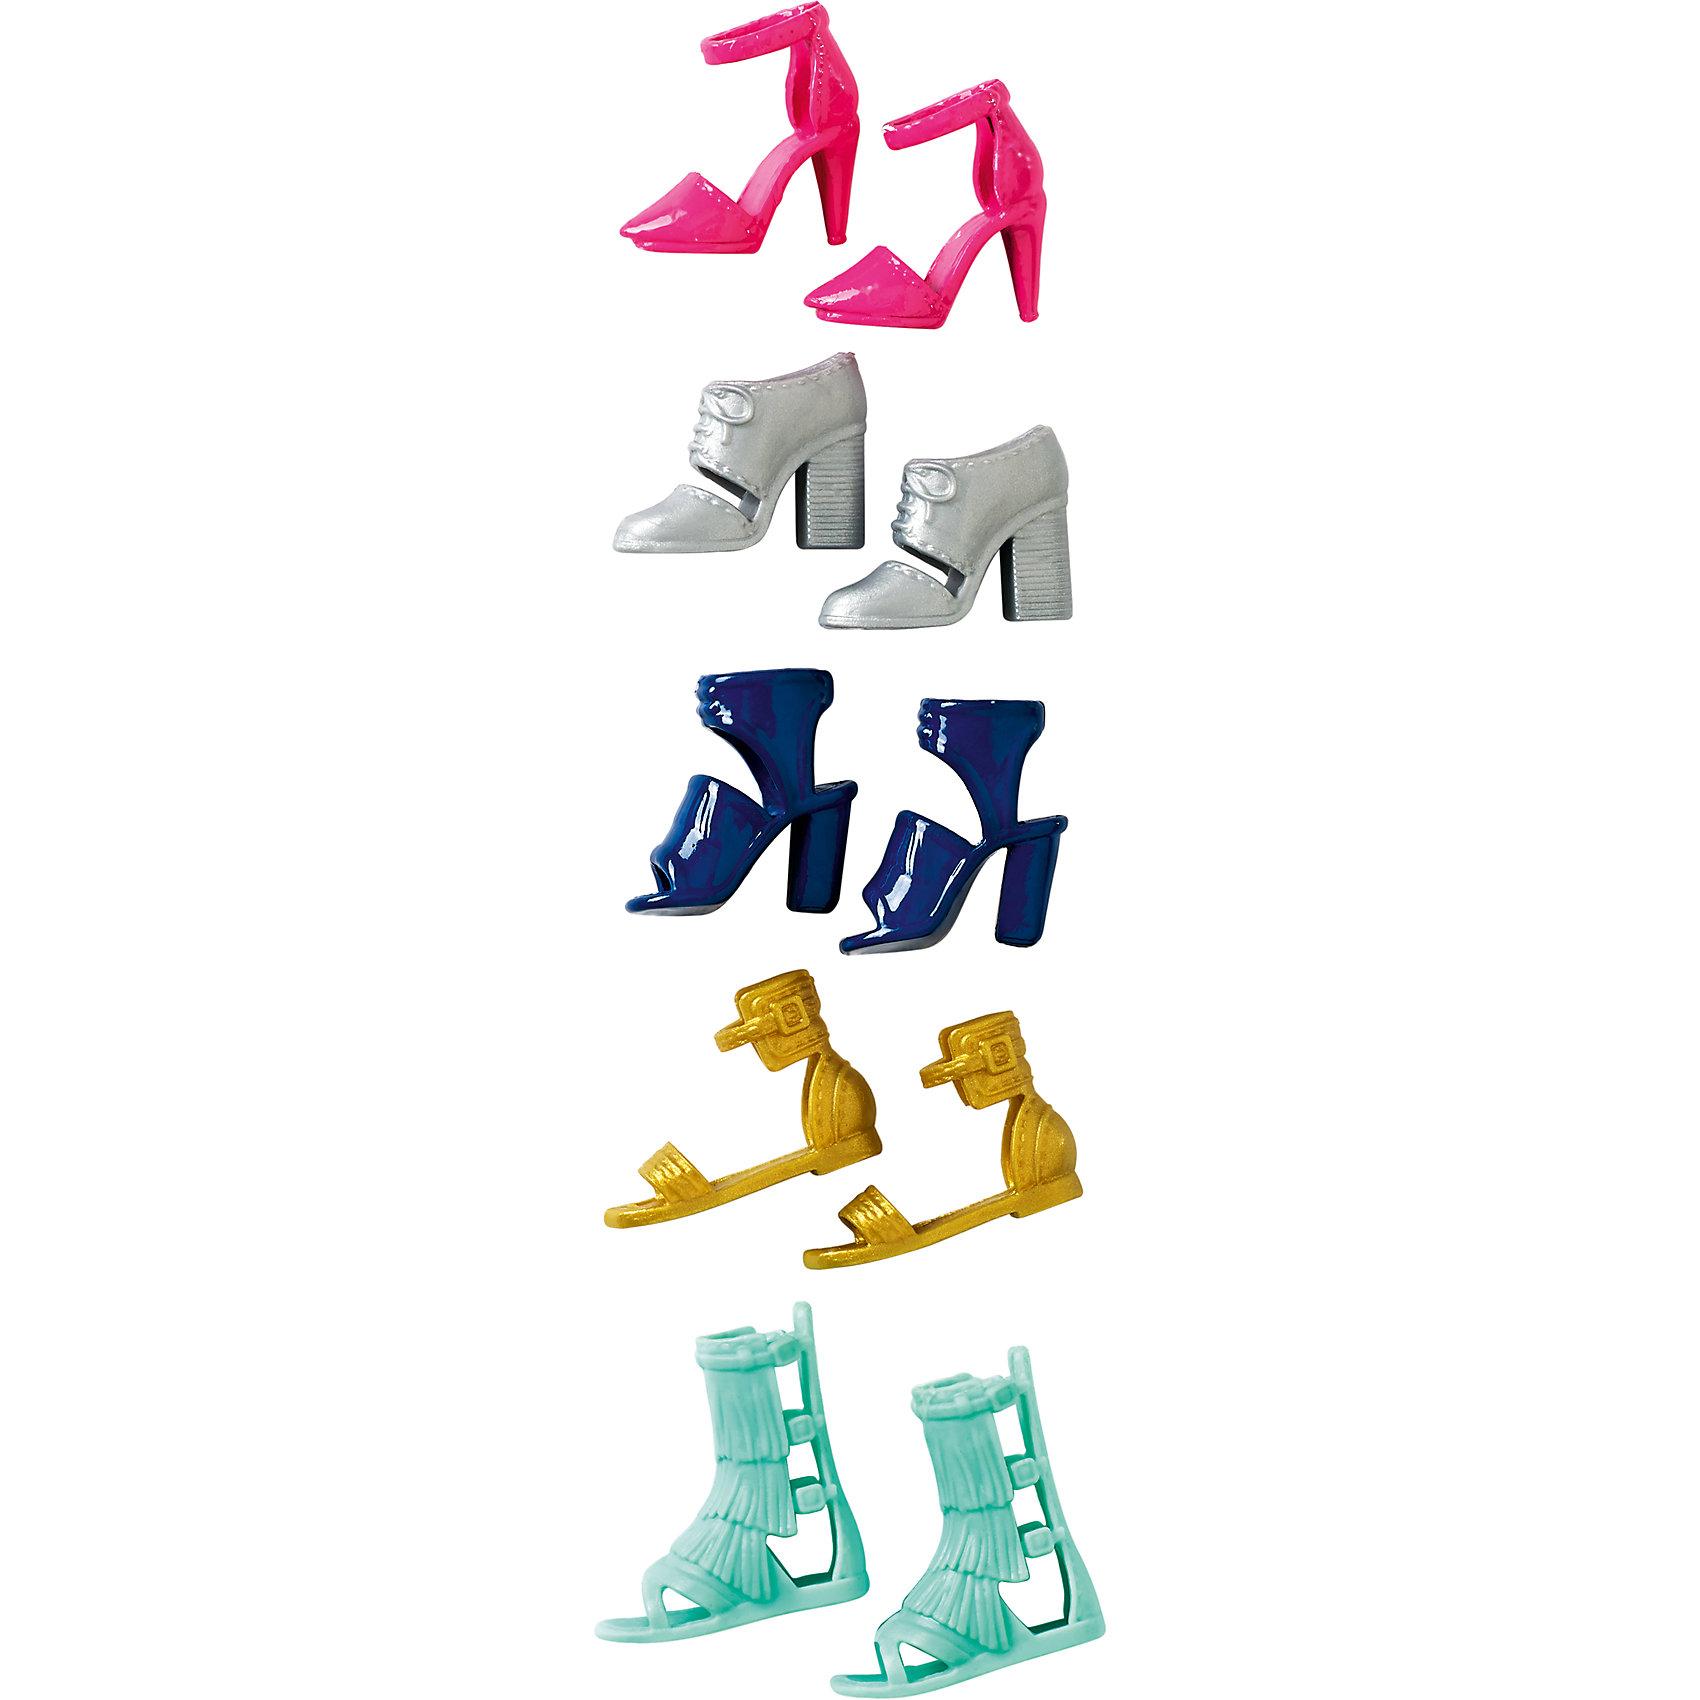 Набор обуви для BarbieХарактеристики товара:<br><br>• комплектация: 5 пар обуви<br>• материал: пластик<br>• отличная детализация<br>• упаковка: пакет, картон<br>• различные стили<br>• возраст: от трех лет<br>• страна бренда: США<br><br>Этот набор порадует маленьких любительниц кукол Barbie. Он поможет создать новый образ своей кукле. В комплекте представлена обувь различных форм и цветов, на разные сезоны: сапоги, кроссовки, босоножки и т.д.! Такой набор станет желанным подарком для девочек, которые следят за модными тенденциями.<br><br>Игры с куклами помогают развить у девочек вкус и чувство стиля, отработать сценарии поведения в обществе, развить воображение и мелкую моторику. Барби от бренда Mattel не перестает быть популярной! <br><br>Набор обуви для Barbie от компании Mattel можно купить в нашем интернет-магазине.<br><br>Ширина мм: 156<br>Глубина мм: 81<br>Высота мм: 25<br>Вес г: 26<br>Возраст от месяцев: 36<br>Возраст до месяцев: 72<br>Пол: Женский<br>Возраст: Детский<br>SKU: 5389696